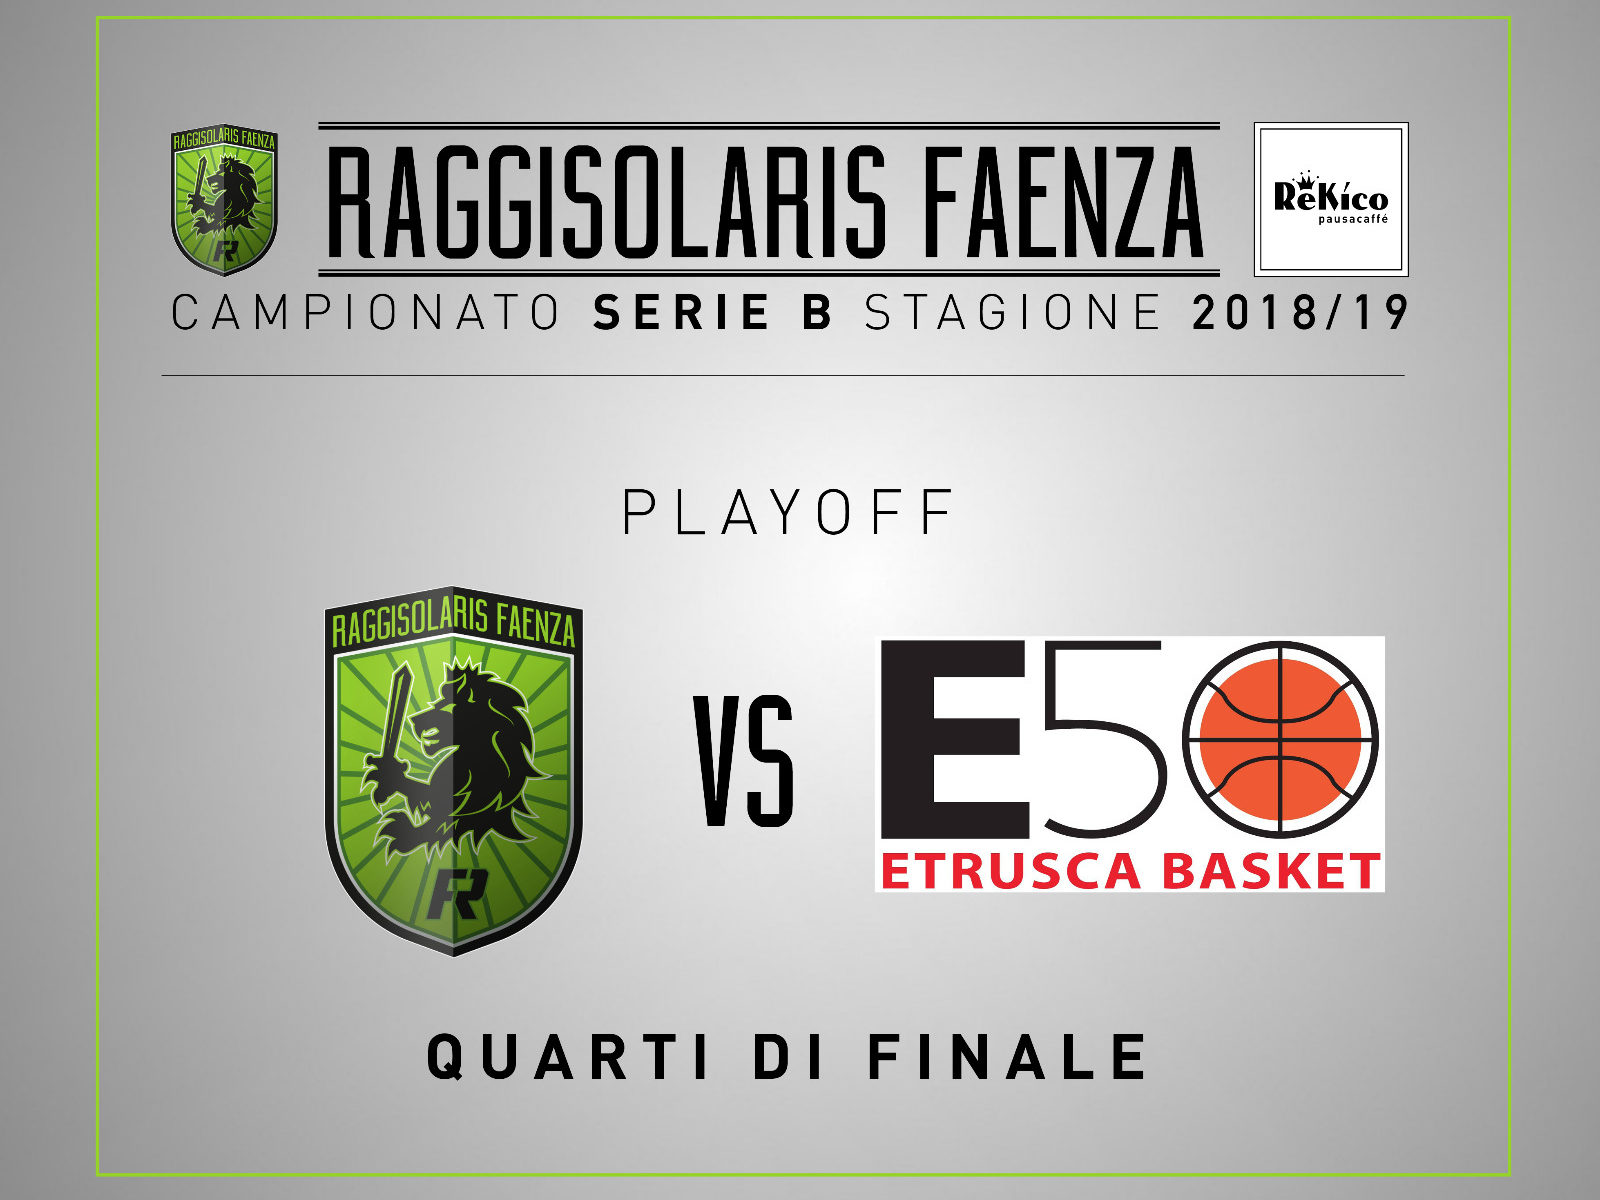 San Miniato E Raggisolaris, Due Club Con Una Storia Simile E Lo Stesso Obiettivo: La Semifinale Play Off